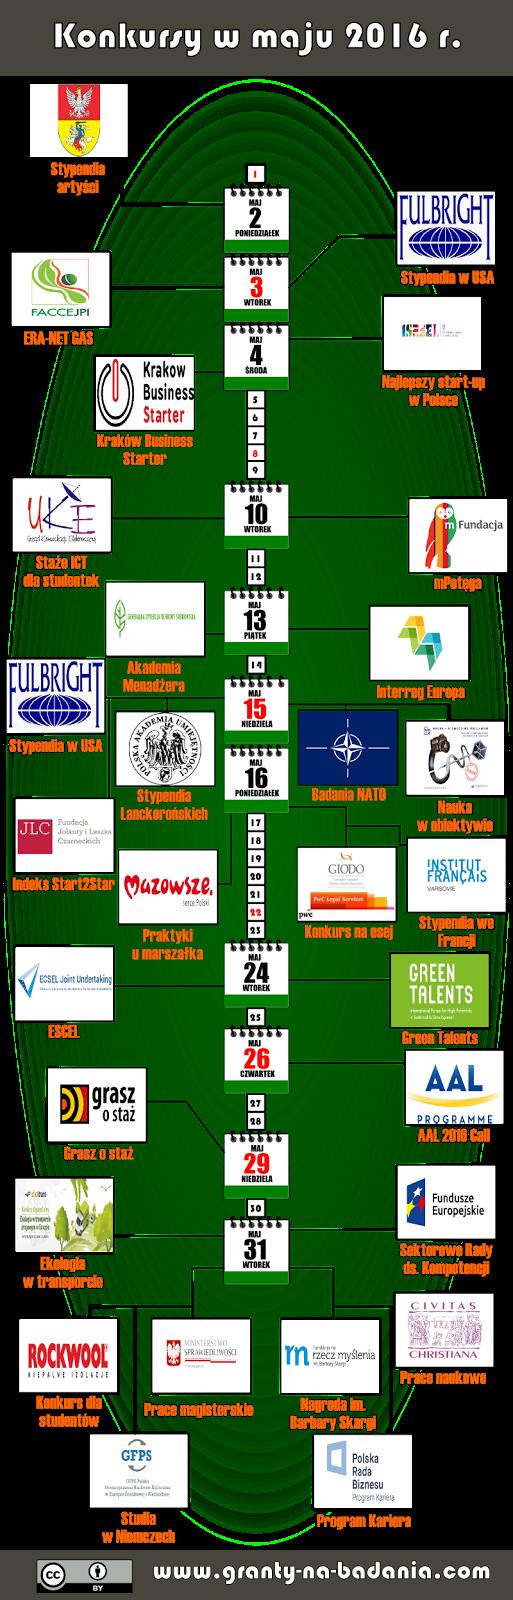 Wykaz konkursów na granty i stypendia (maj 2016 r.)